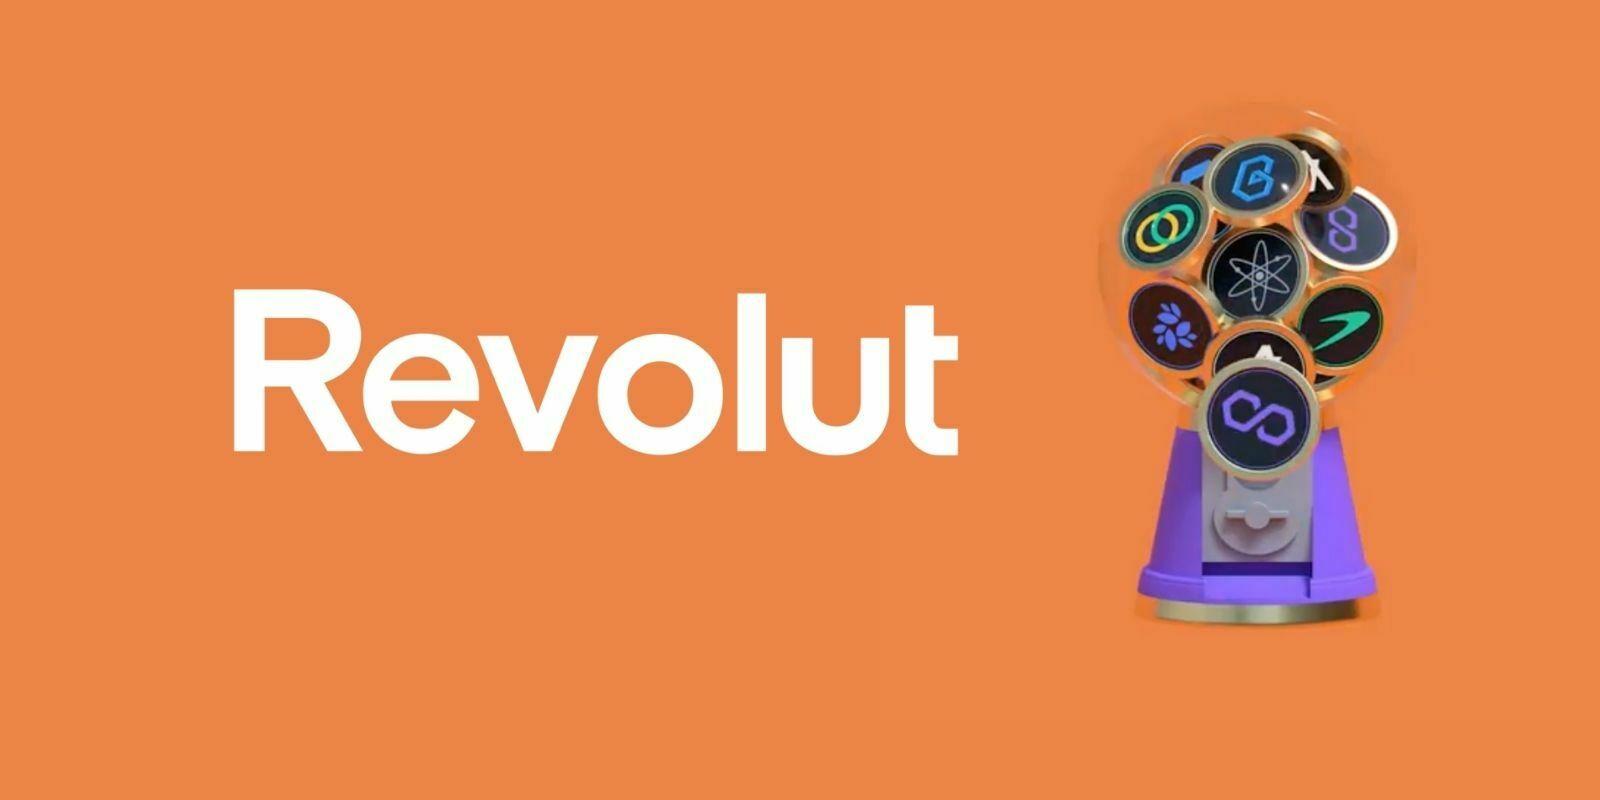 Revolut ajoute Chainlink (LINK), Polygon (MATIC) et 6 autres tokens à son application